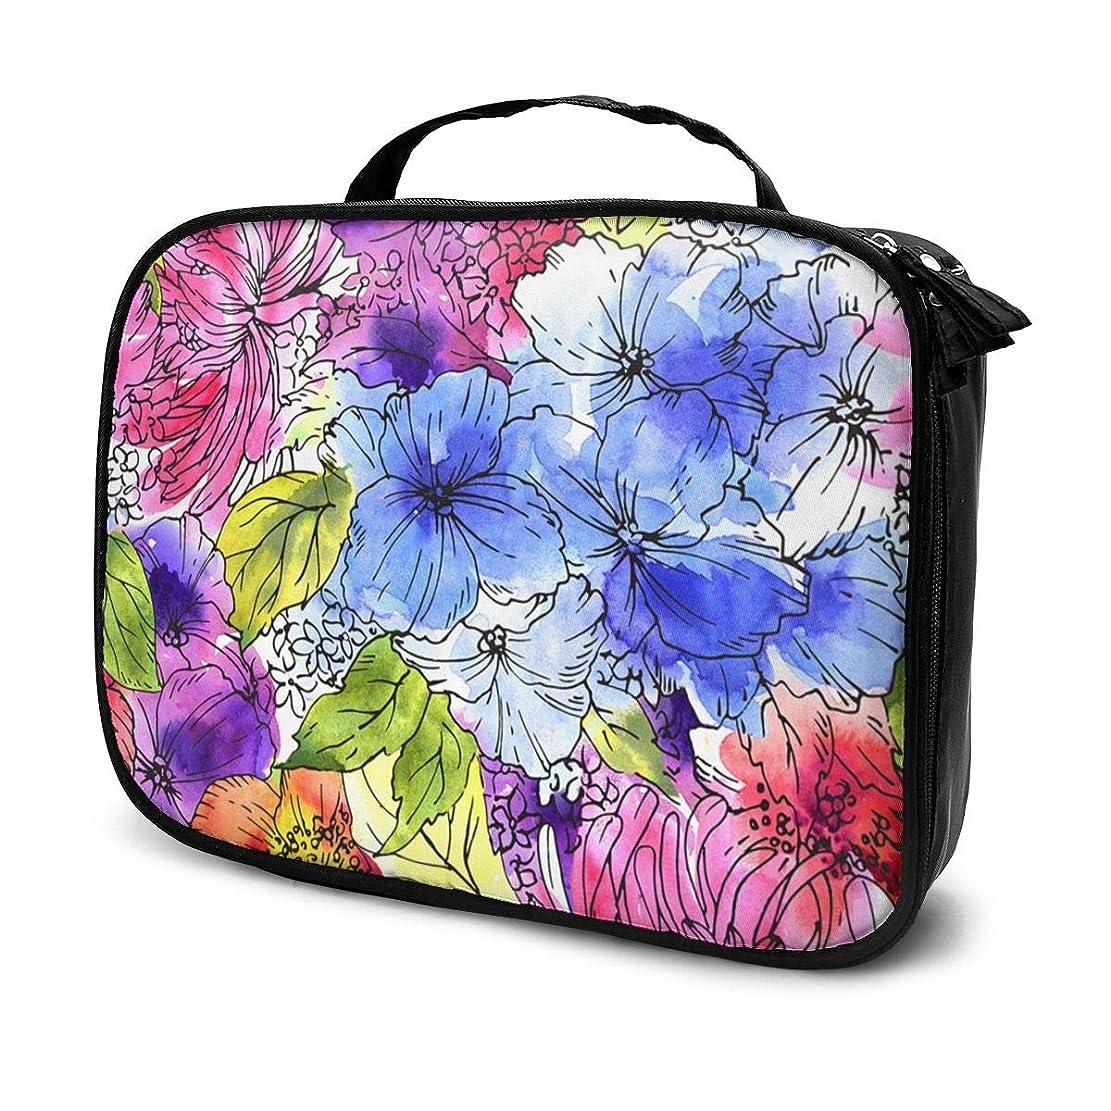 指説明タイプライター収納袋抽象的な花化粧品袋耐摩耗性軽量ポータブル高品質大容量旅行ポーチバスルームポーチ旅行小物整理約8×25×19cm